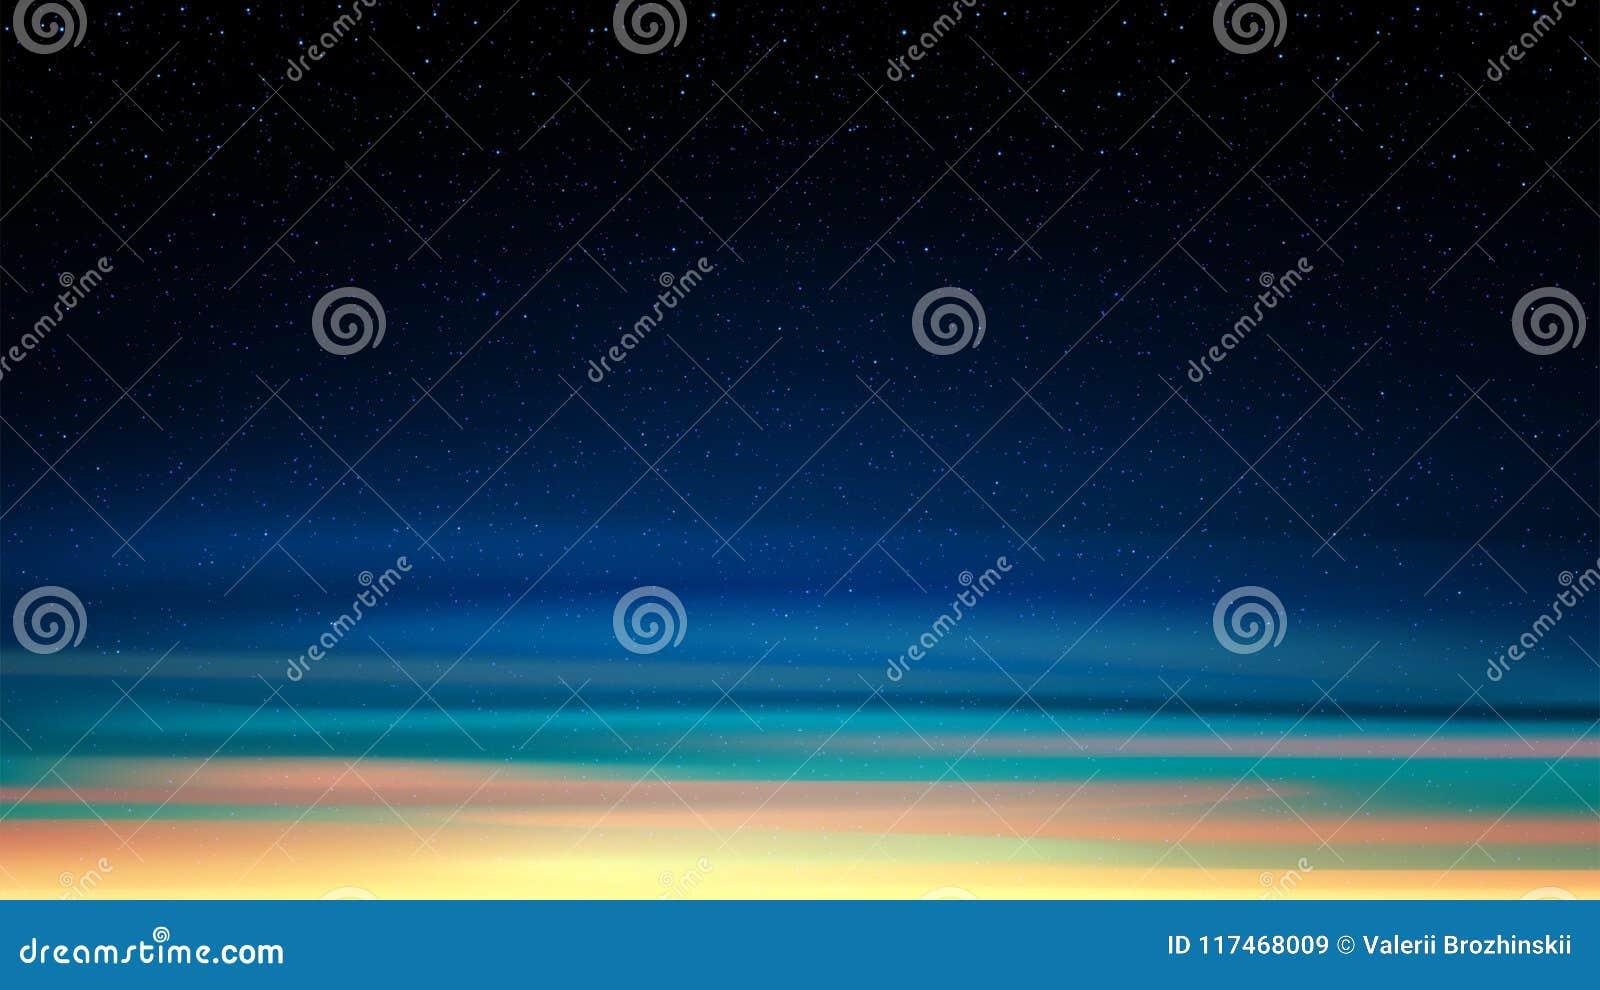 Het gelijk maken van glanzende sterrige hemel, nachtachtergrond met sterren, ruimte, zonsonderganghemel